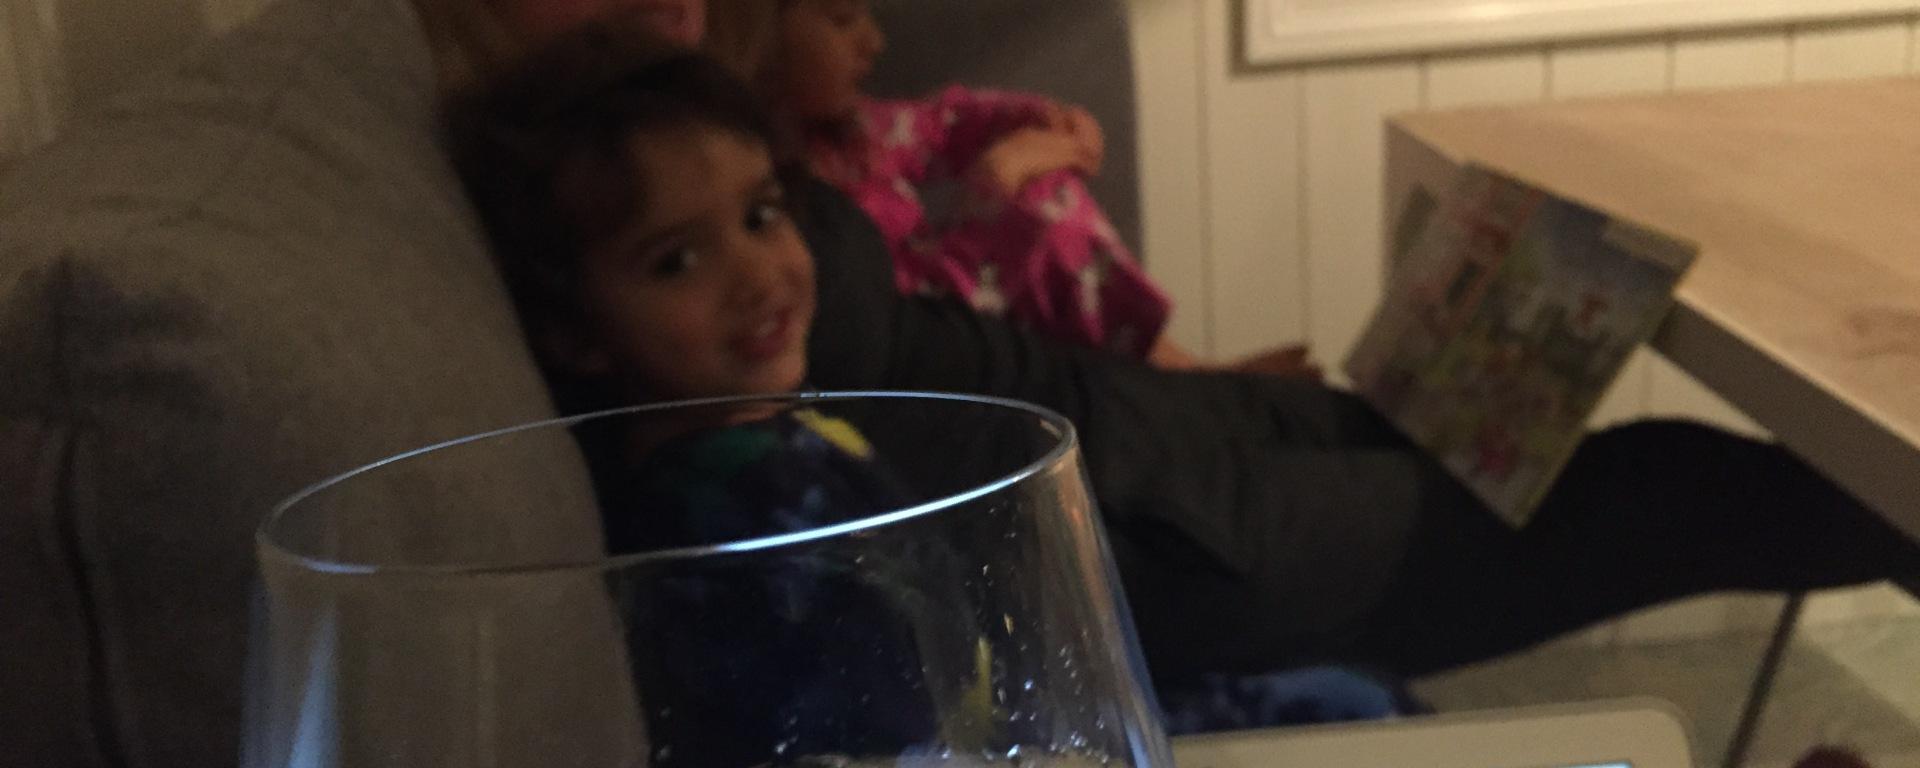 I dag for eksempel tok jeg med meg Macen og en flaske rosevin og ringte på døren hos Louise. Kjempepopulært :-D